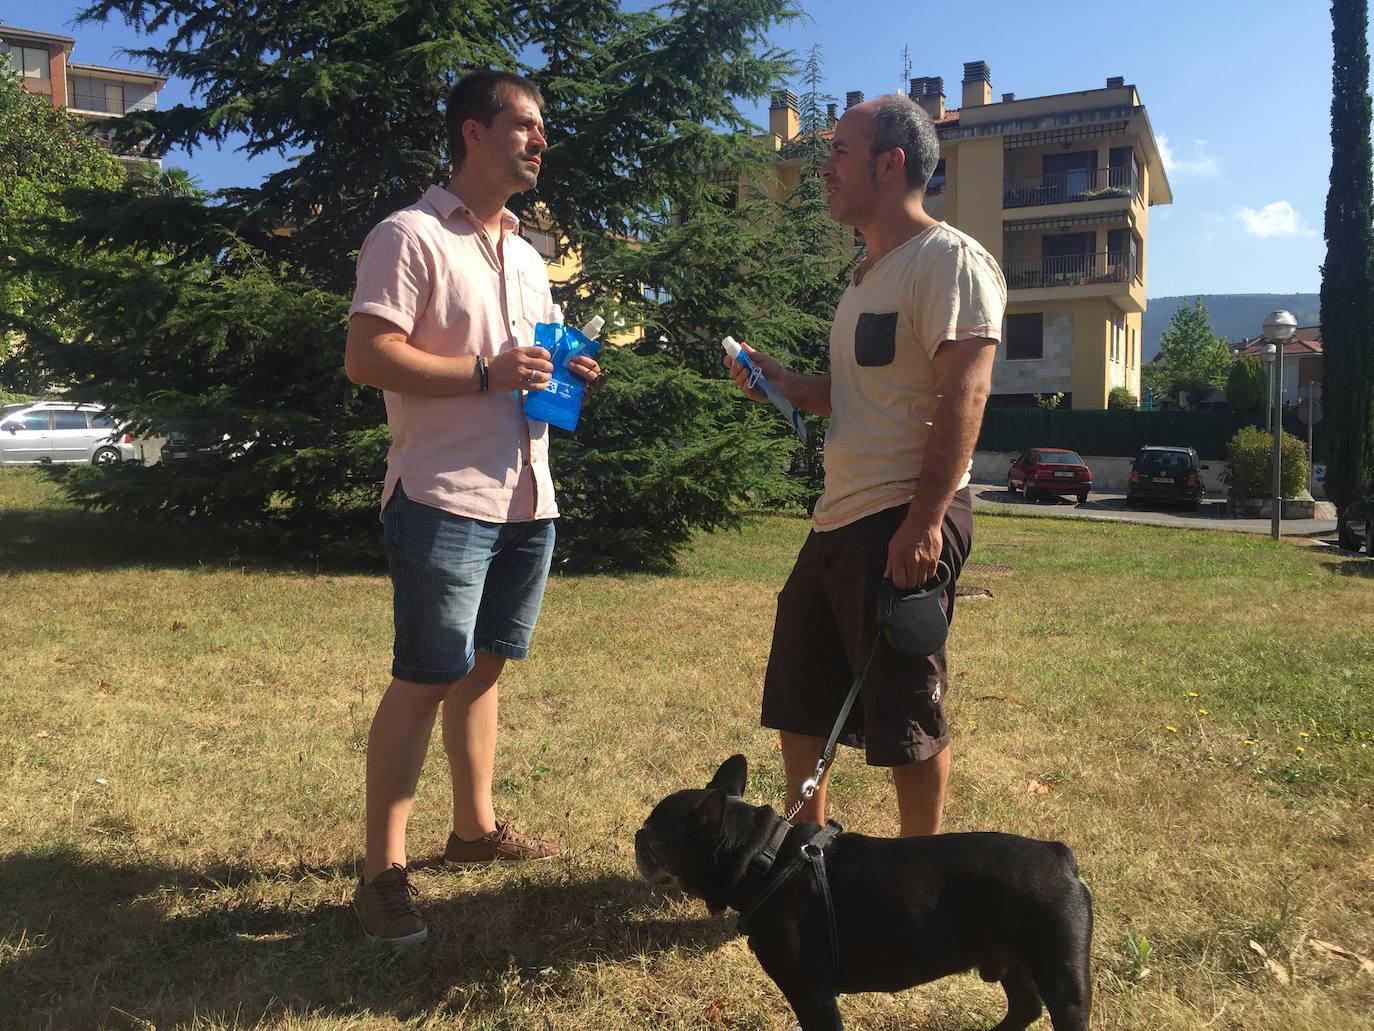 Los perros, eje de una encuesta y una campaña de limpieza en Amurrio